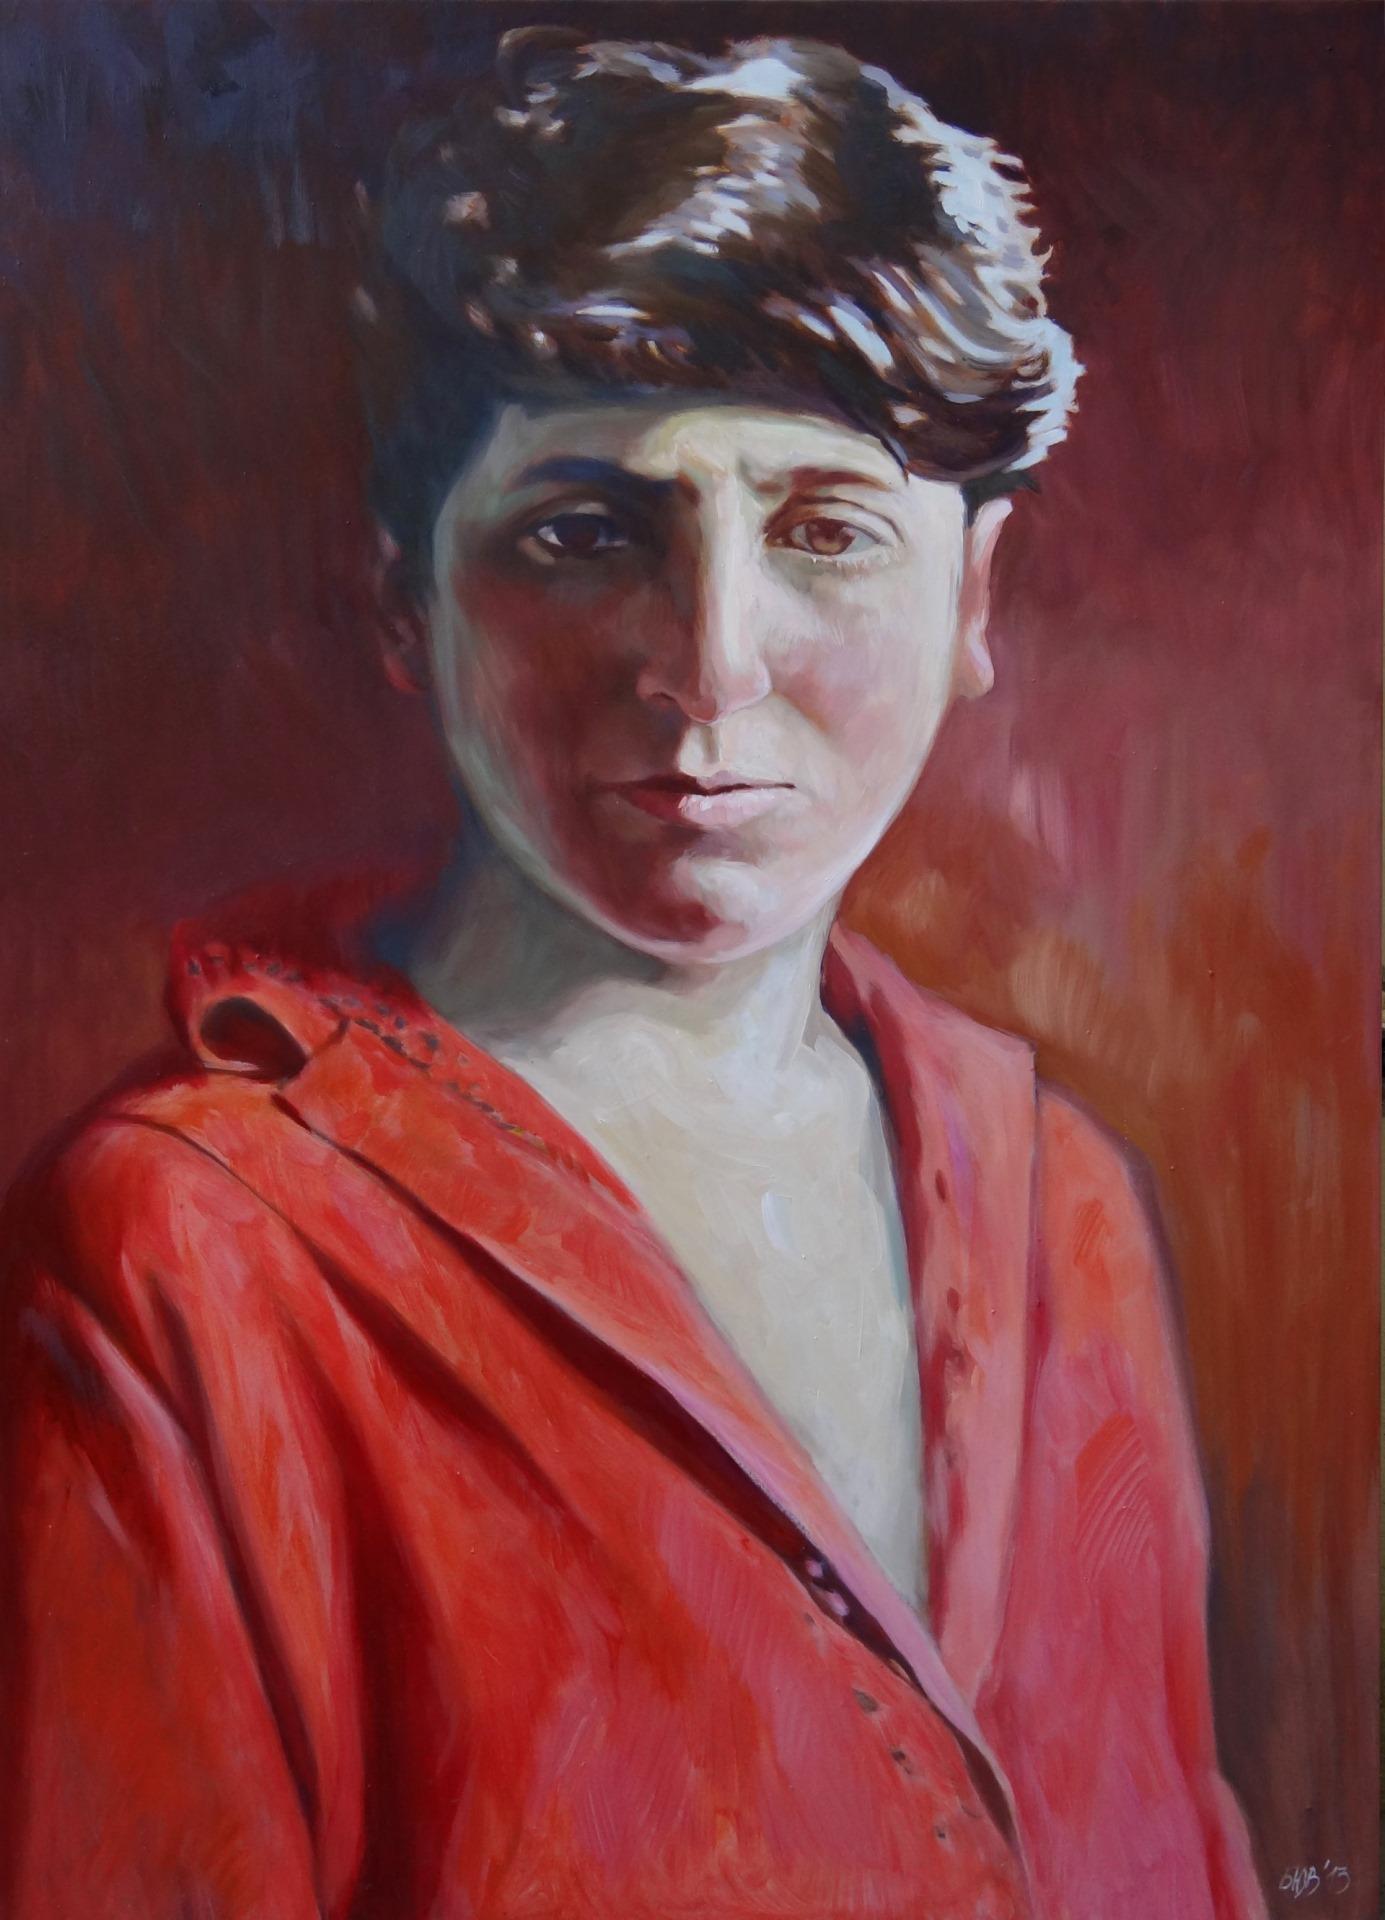 Gemälde von Julia Belot: Käte Frankenthal, Öl auf Leinwand, 140 cm x 100 cm, 2013